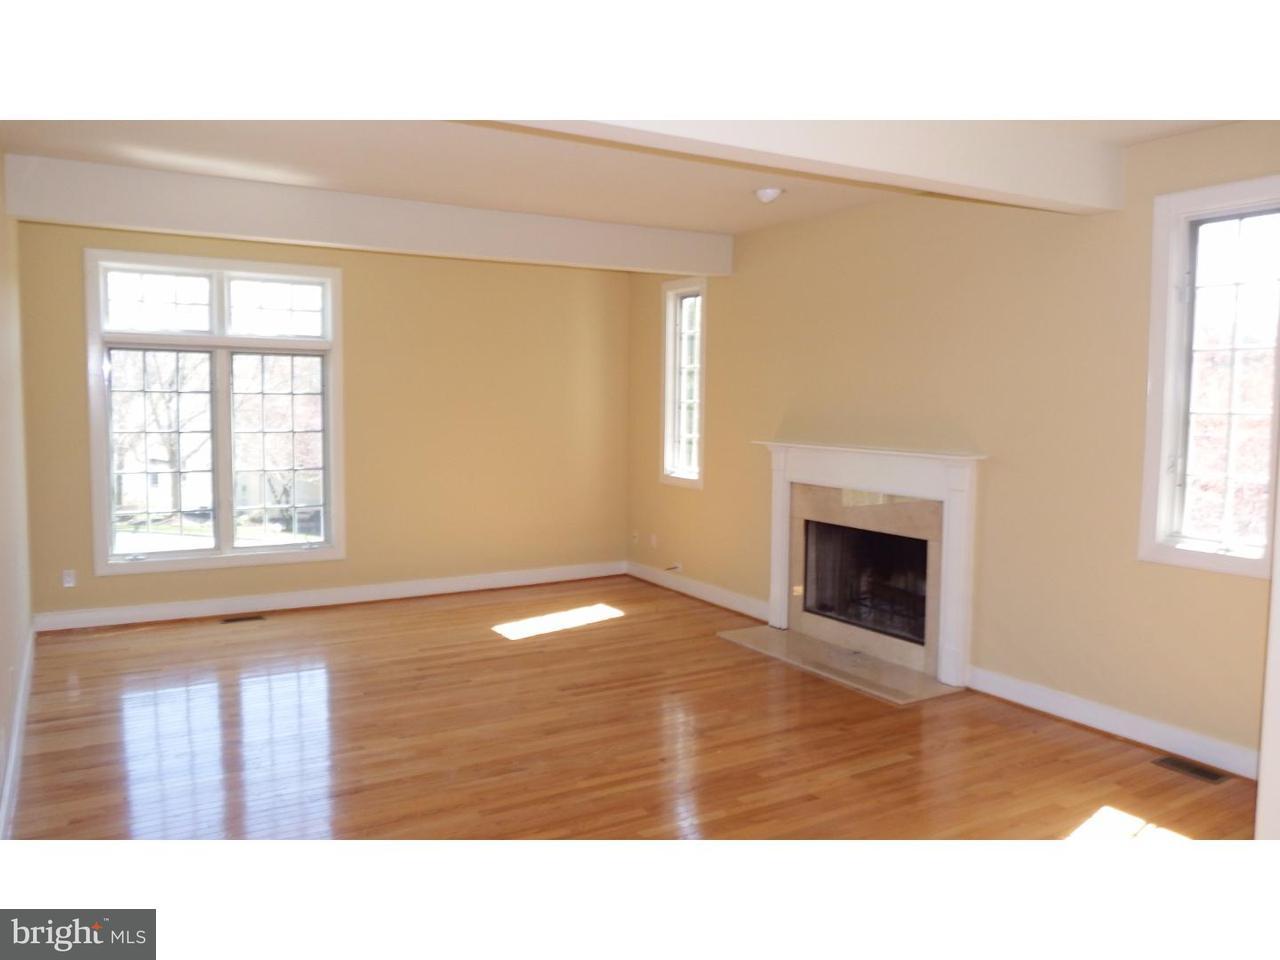 Casa Unifamiliar por un Alquiler en 5021 BRITTANY Lane Bryn Mawr, Pennsylvania 19010 Estados Unidos